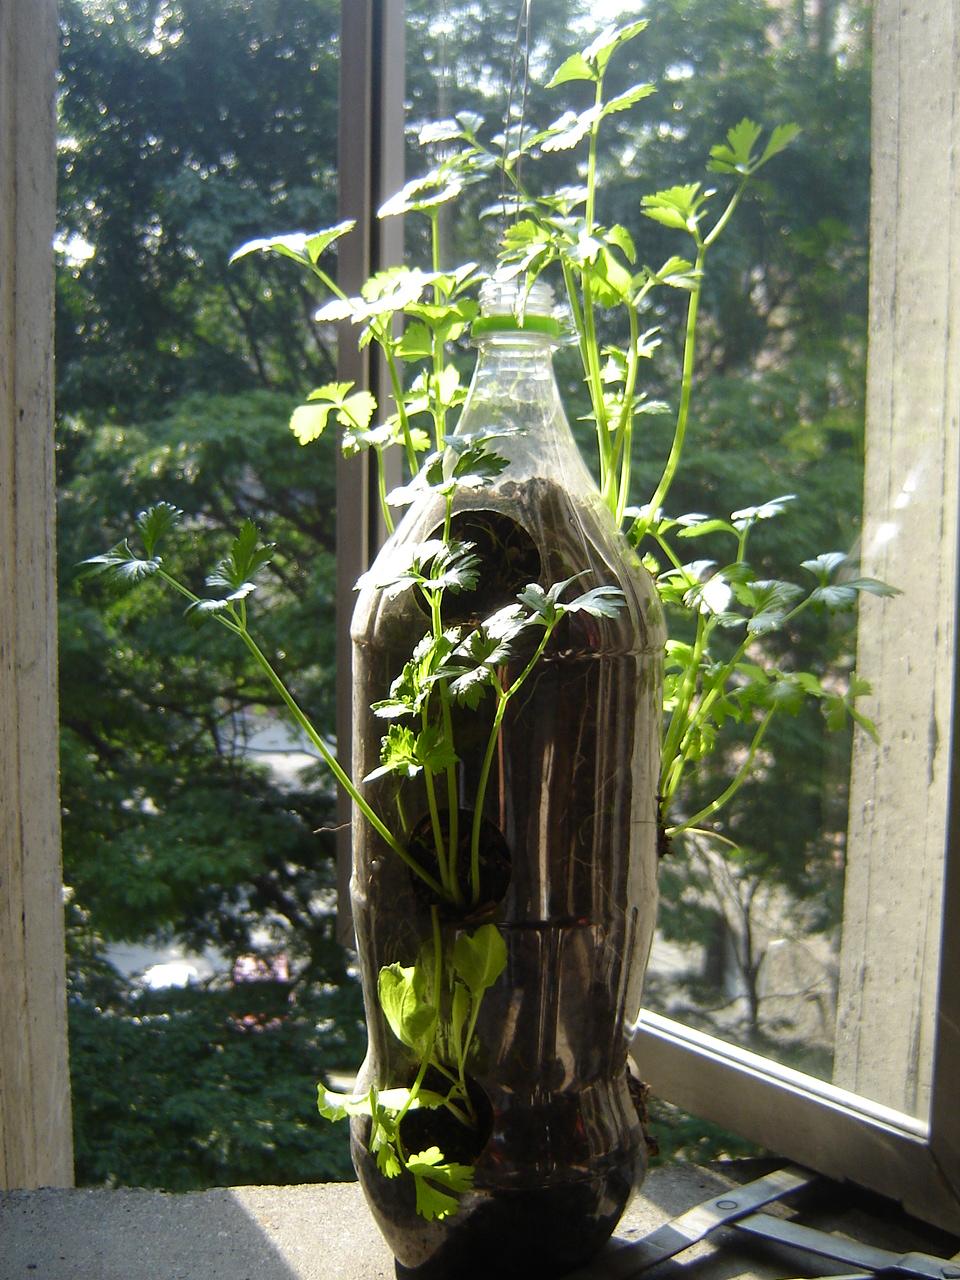 Menos cosas m s felicidad huerta en casa la casita de for Plantas para huerta organica